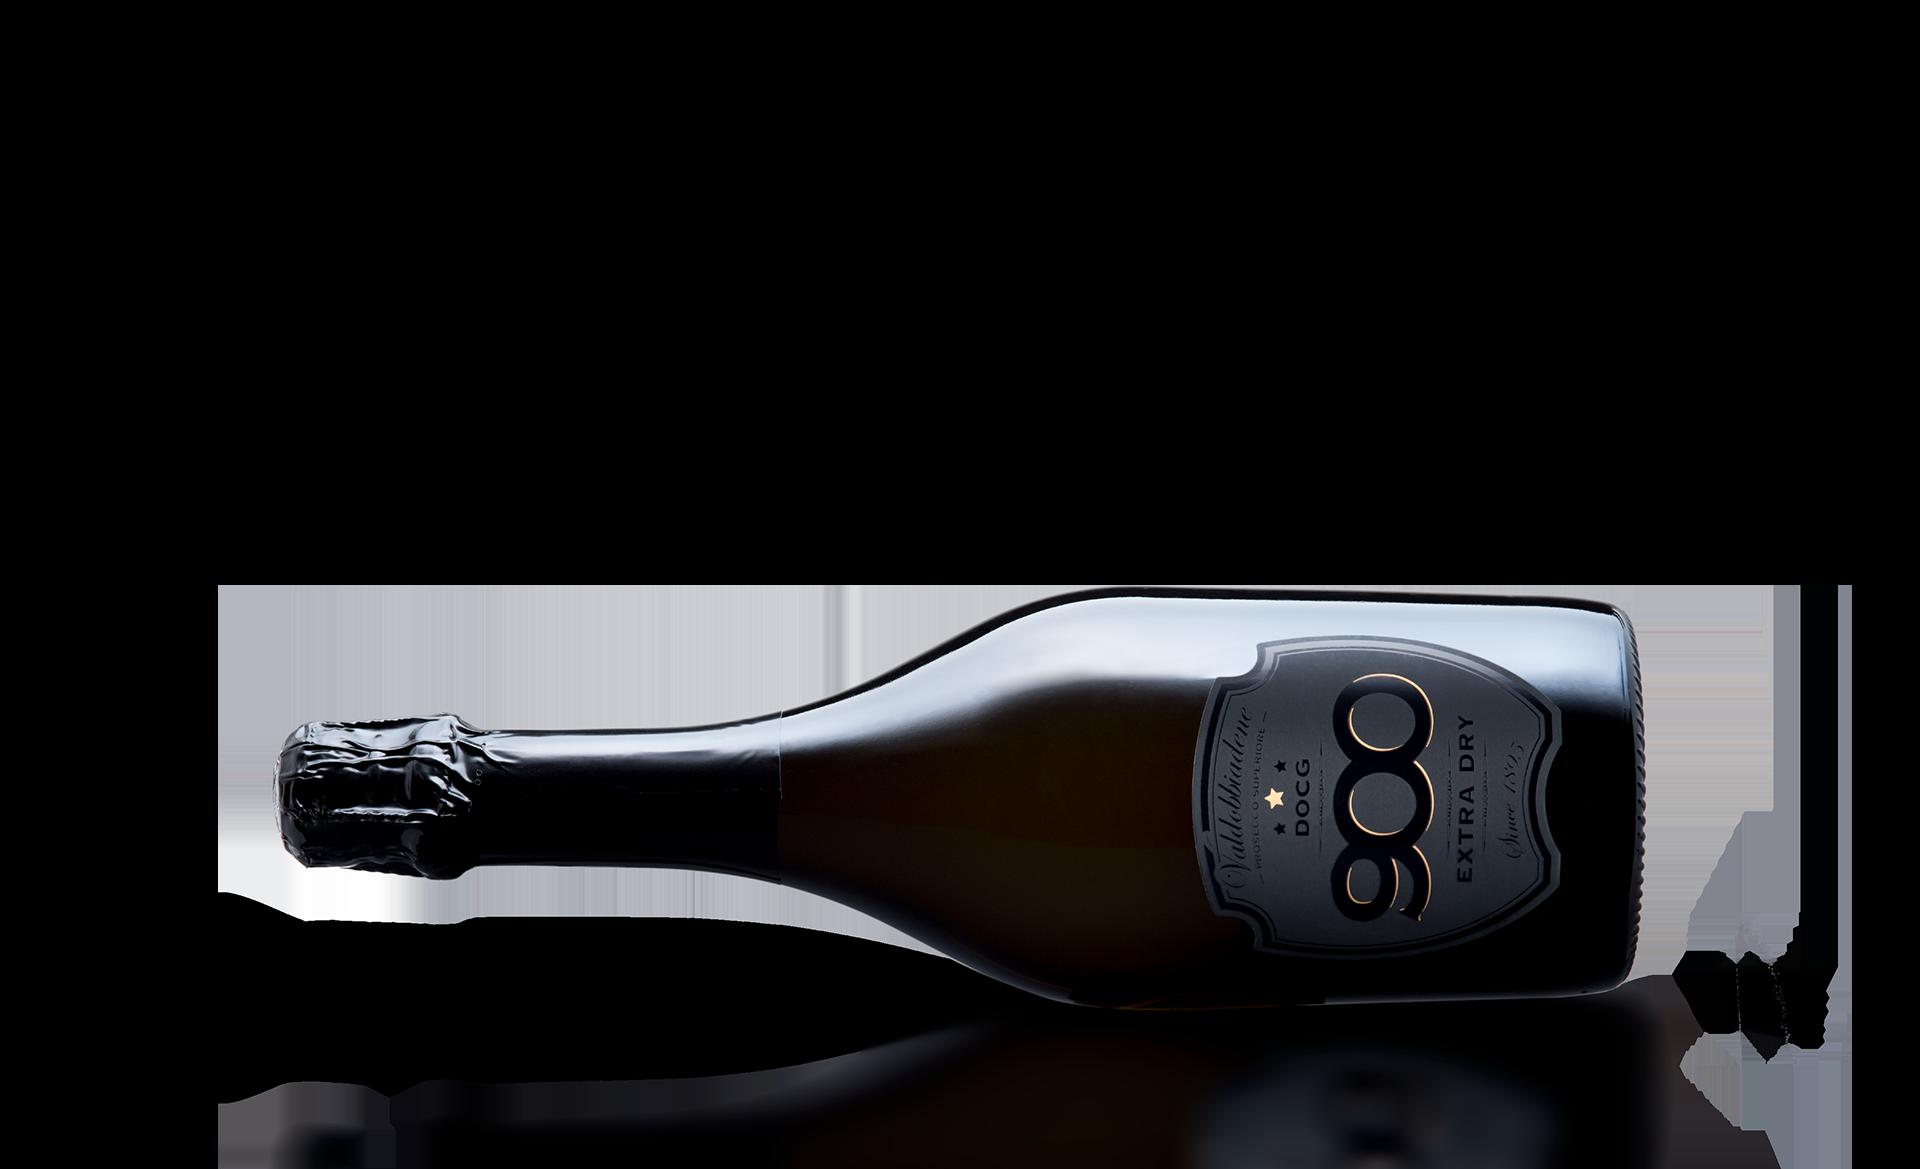 900 wine: bottiglia del prosecco DOCG Valdobbiadene Superiore Extra Dry adagiata in posizione orizzontale